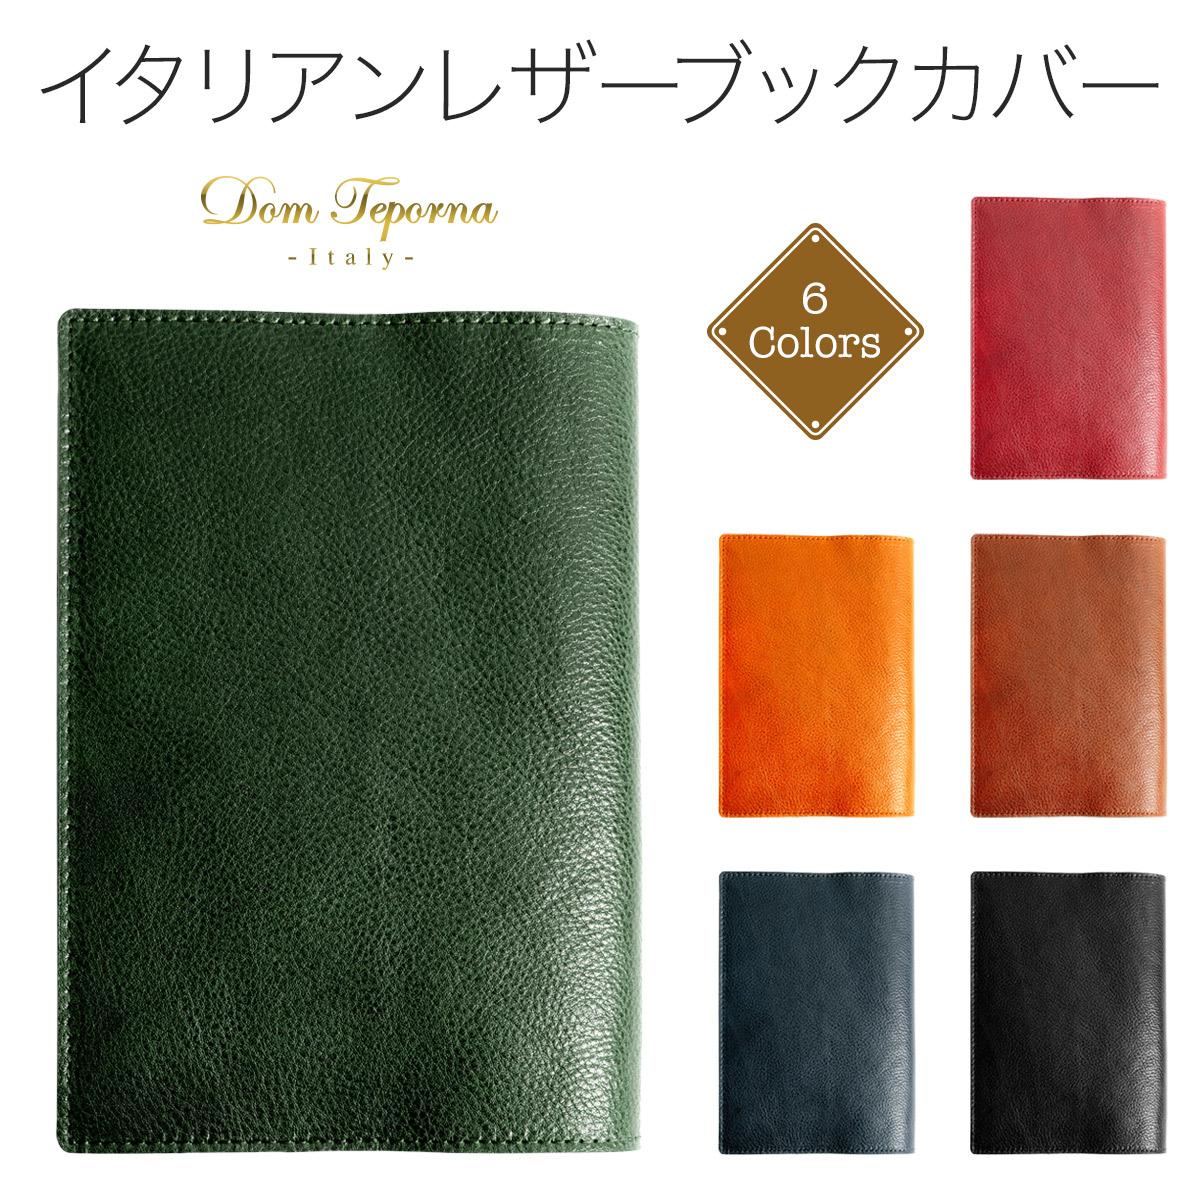 Dom Teporna Italy ブックカバー